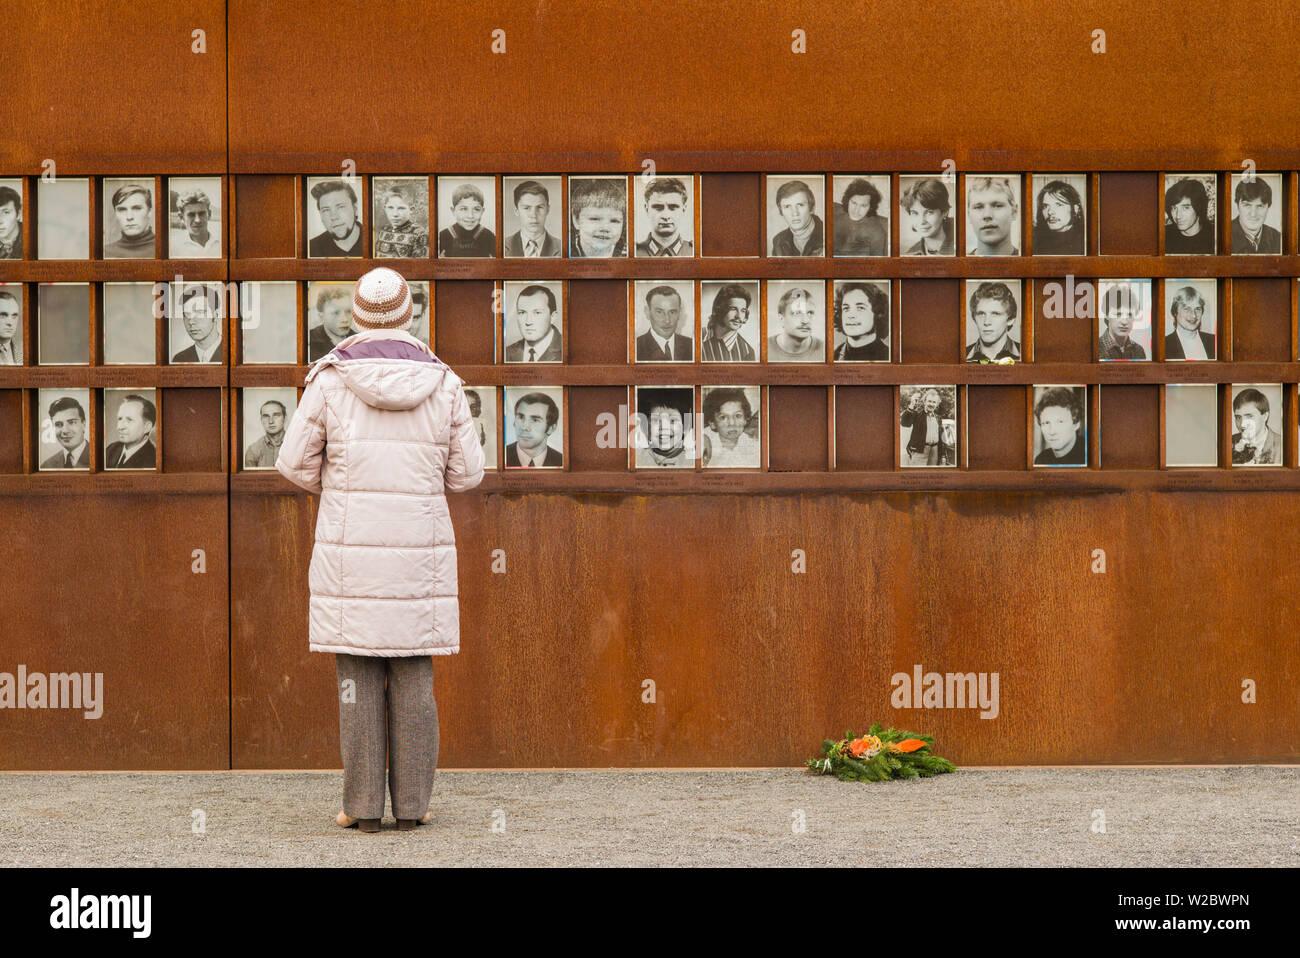 Germania, Berlino Prenzlauer Berg, Memoriale del Muro di Berlino le foto delle persone uccise da guardie di confine la fuga a Berlino Est Foto Stock